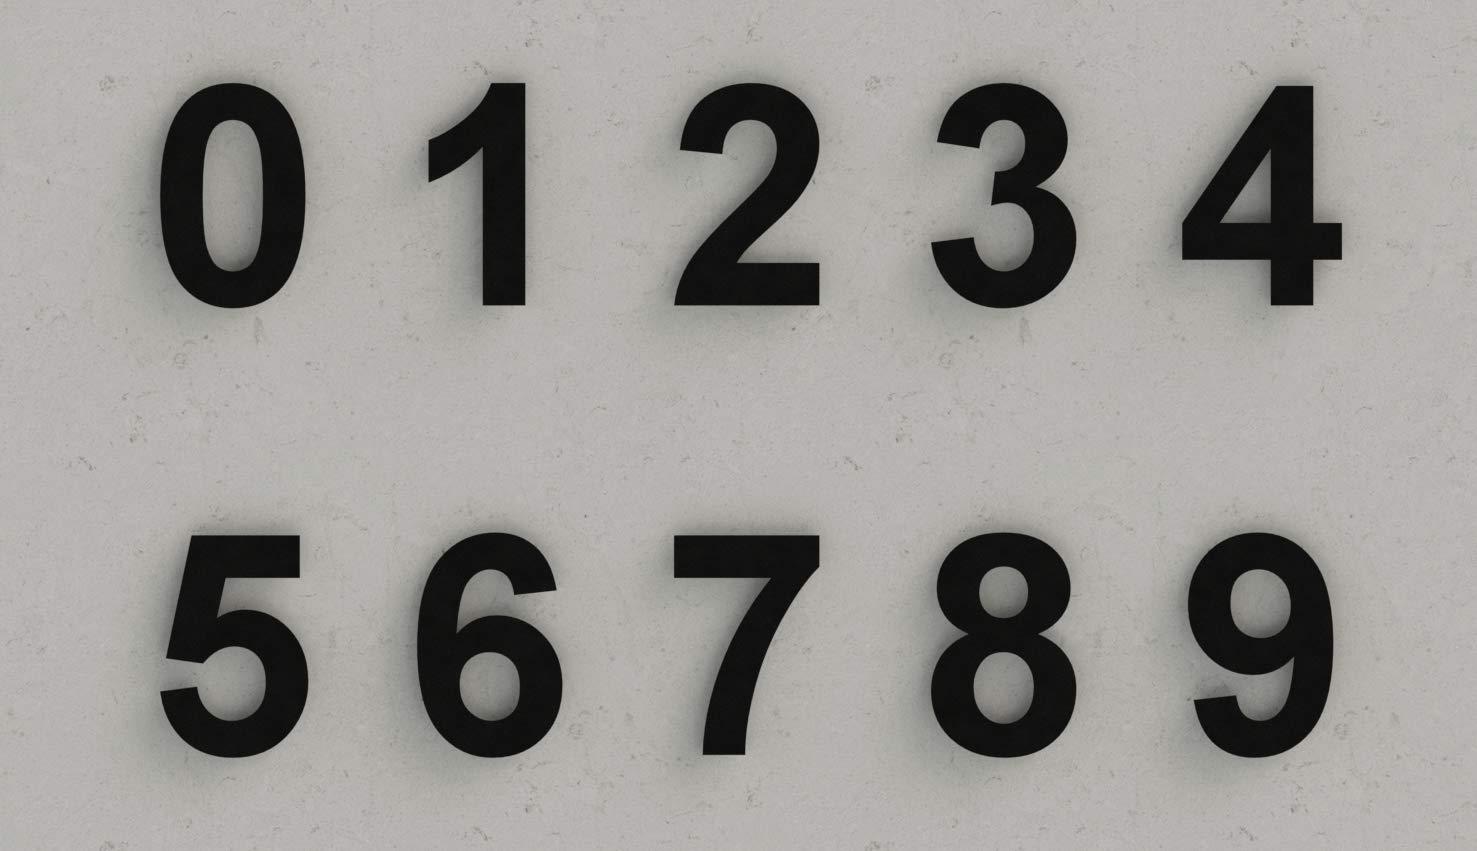 num/éro 6 Six fabriqu/é en acier inoxydable 304 massif enduit de poudre RAL 7016 anthracite noir Num/éro de maison moderne bross/é 152 mm de hauteur